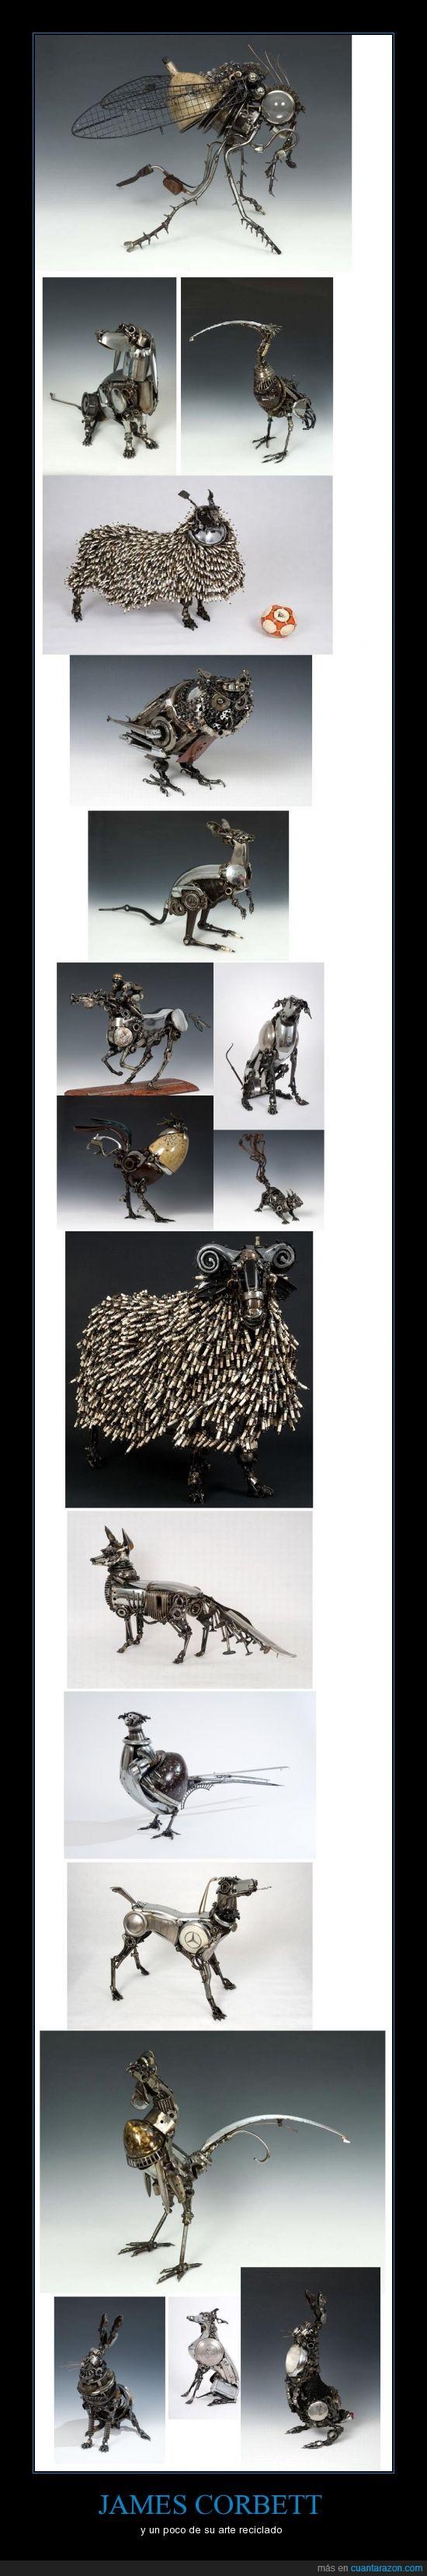 animales reciclados,arte,james corbett,pieza